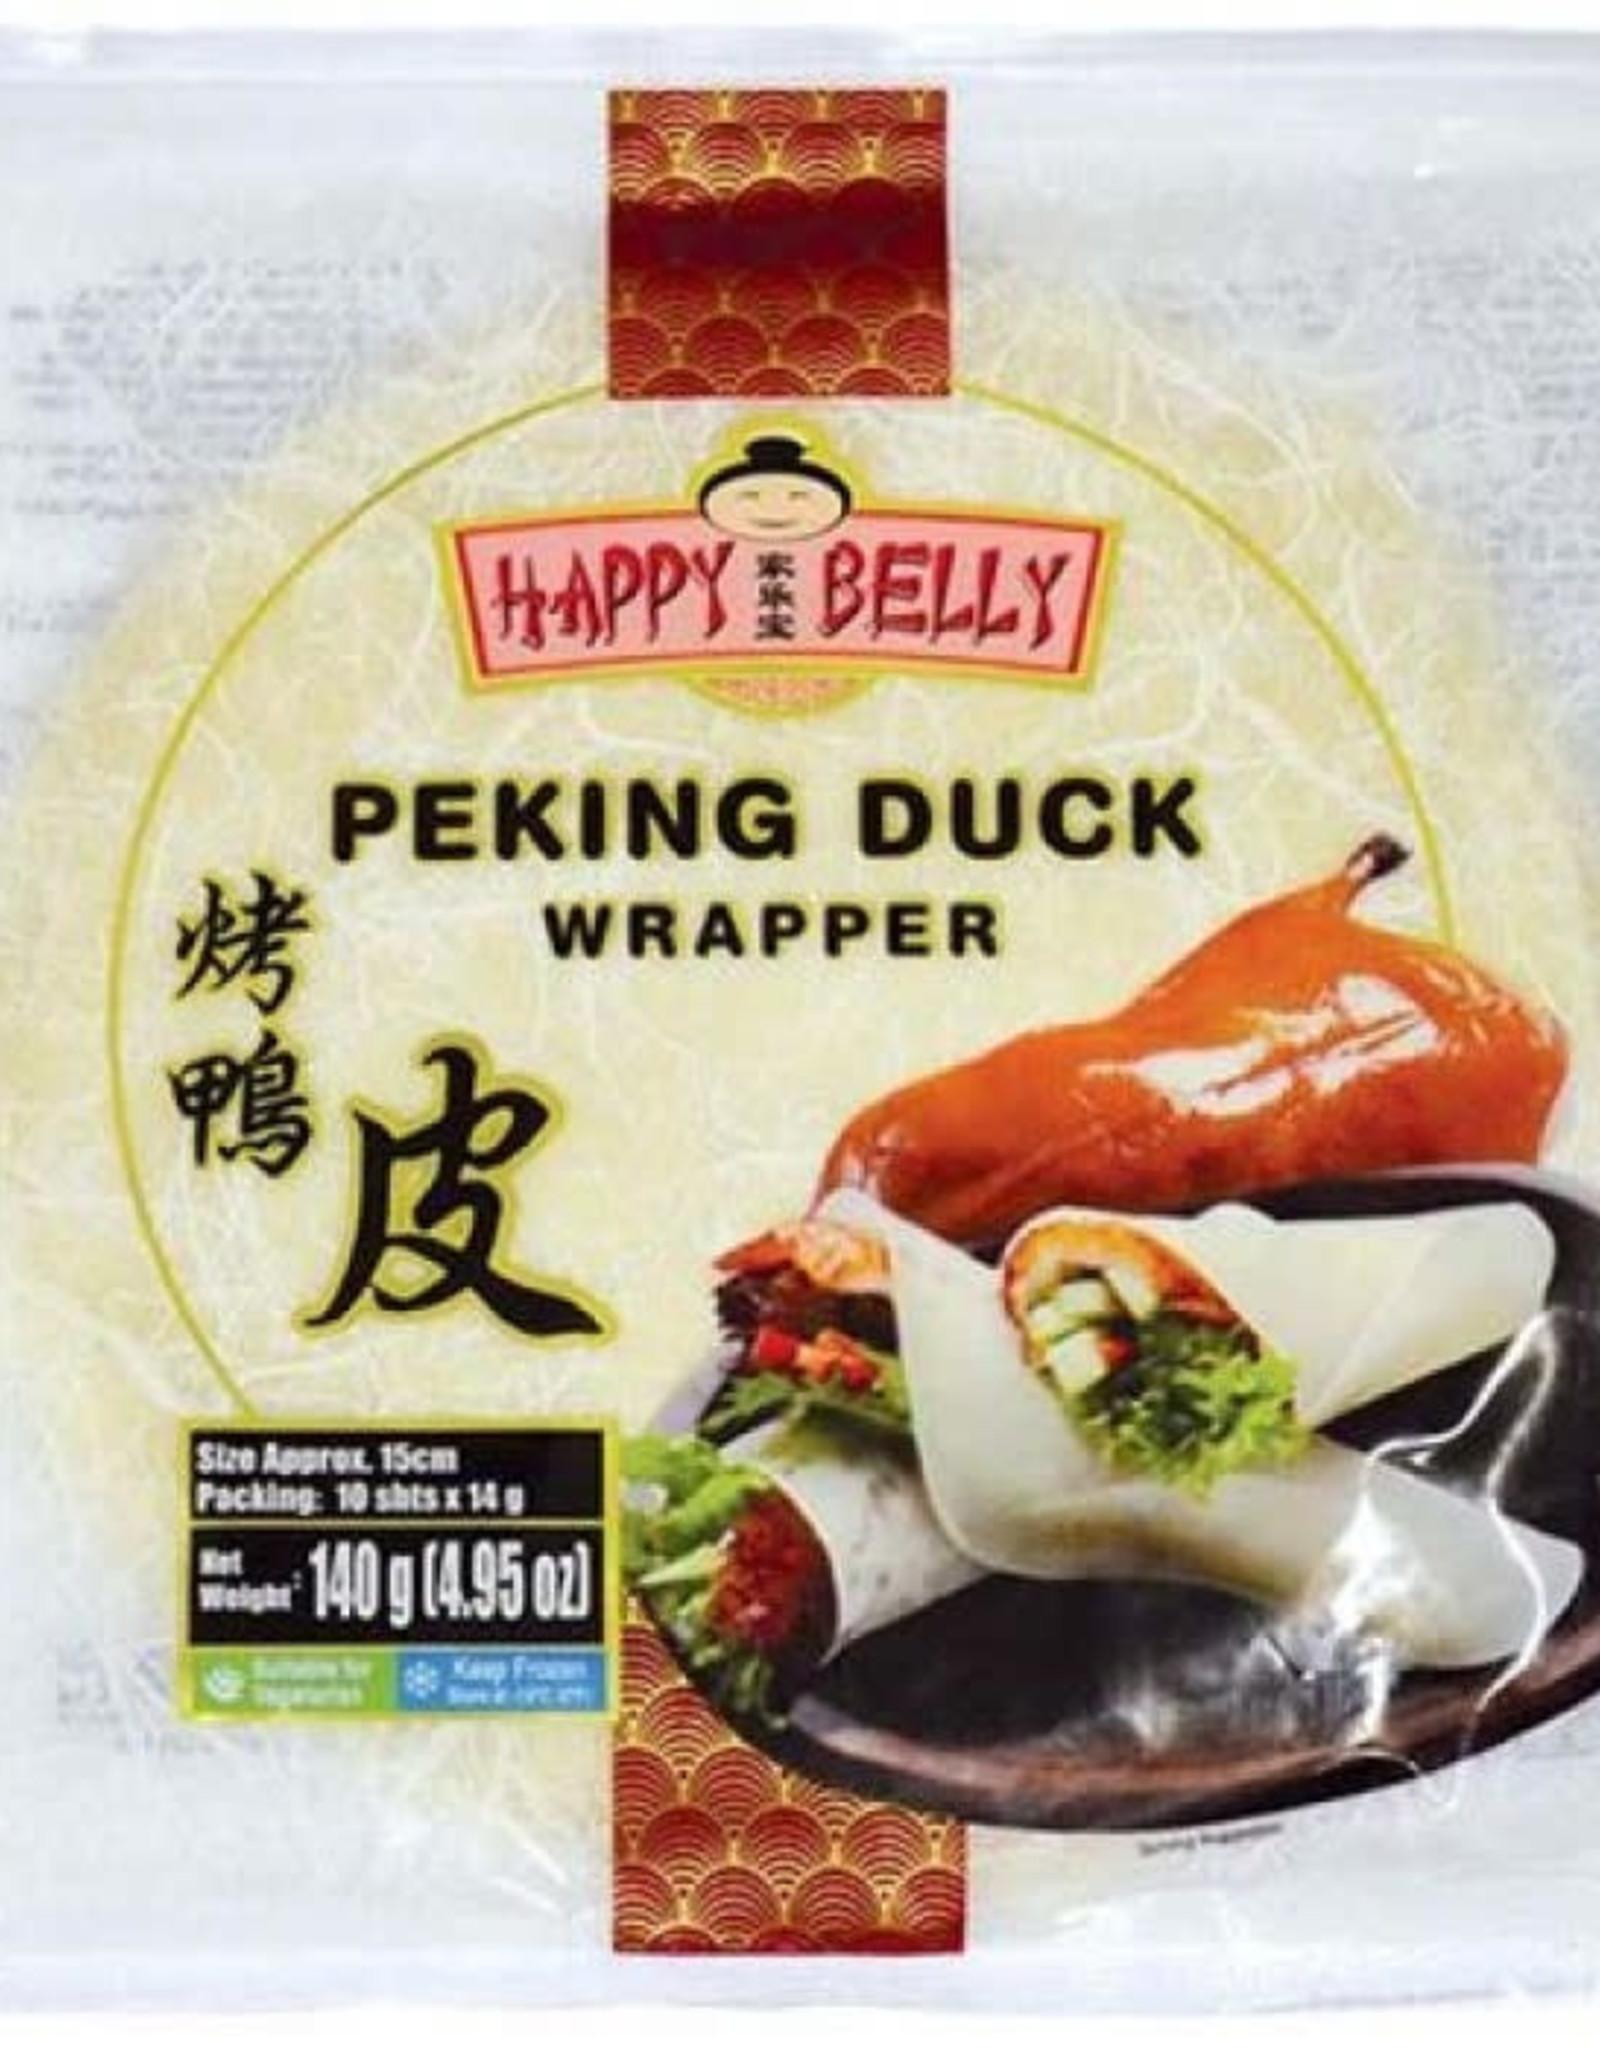 *Wraps f. Pek. Duck HAPPY BELLY pk 140g